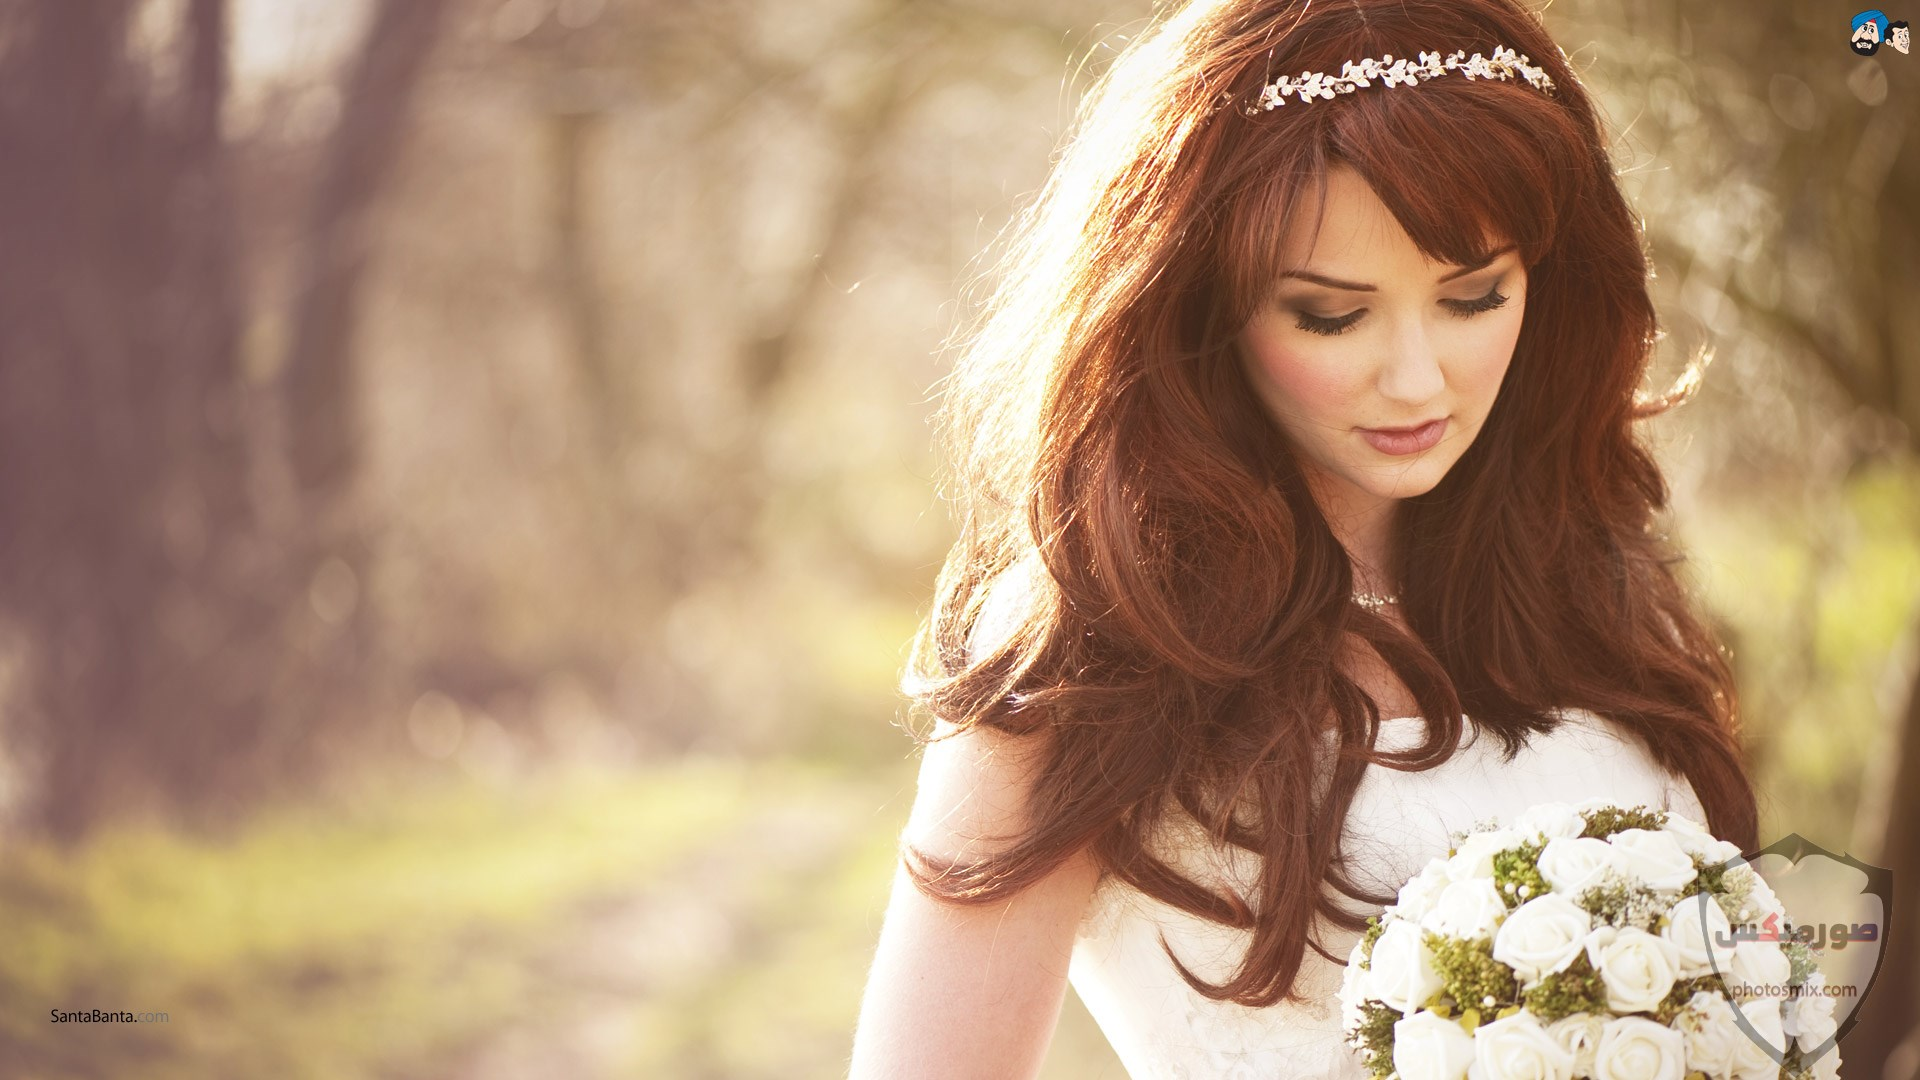 صور جميلة للغاية خلفيات جميلة تنزيل اجمل الصور والخلفيات 8